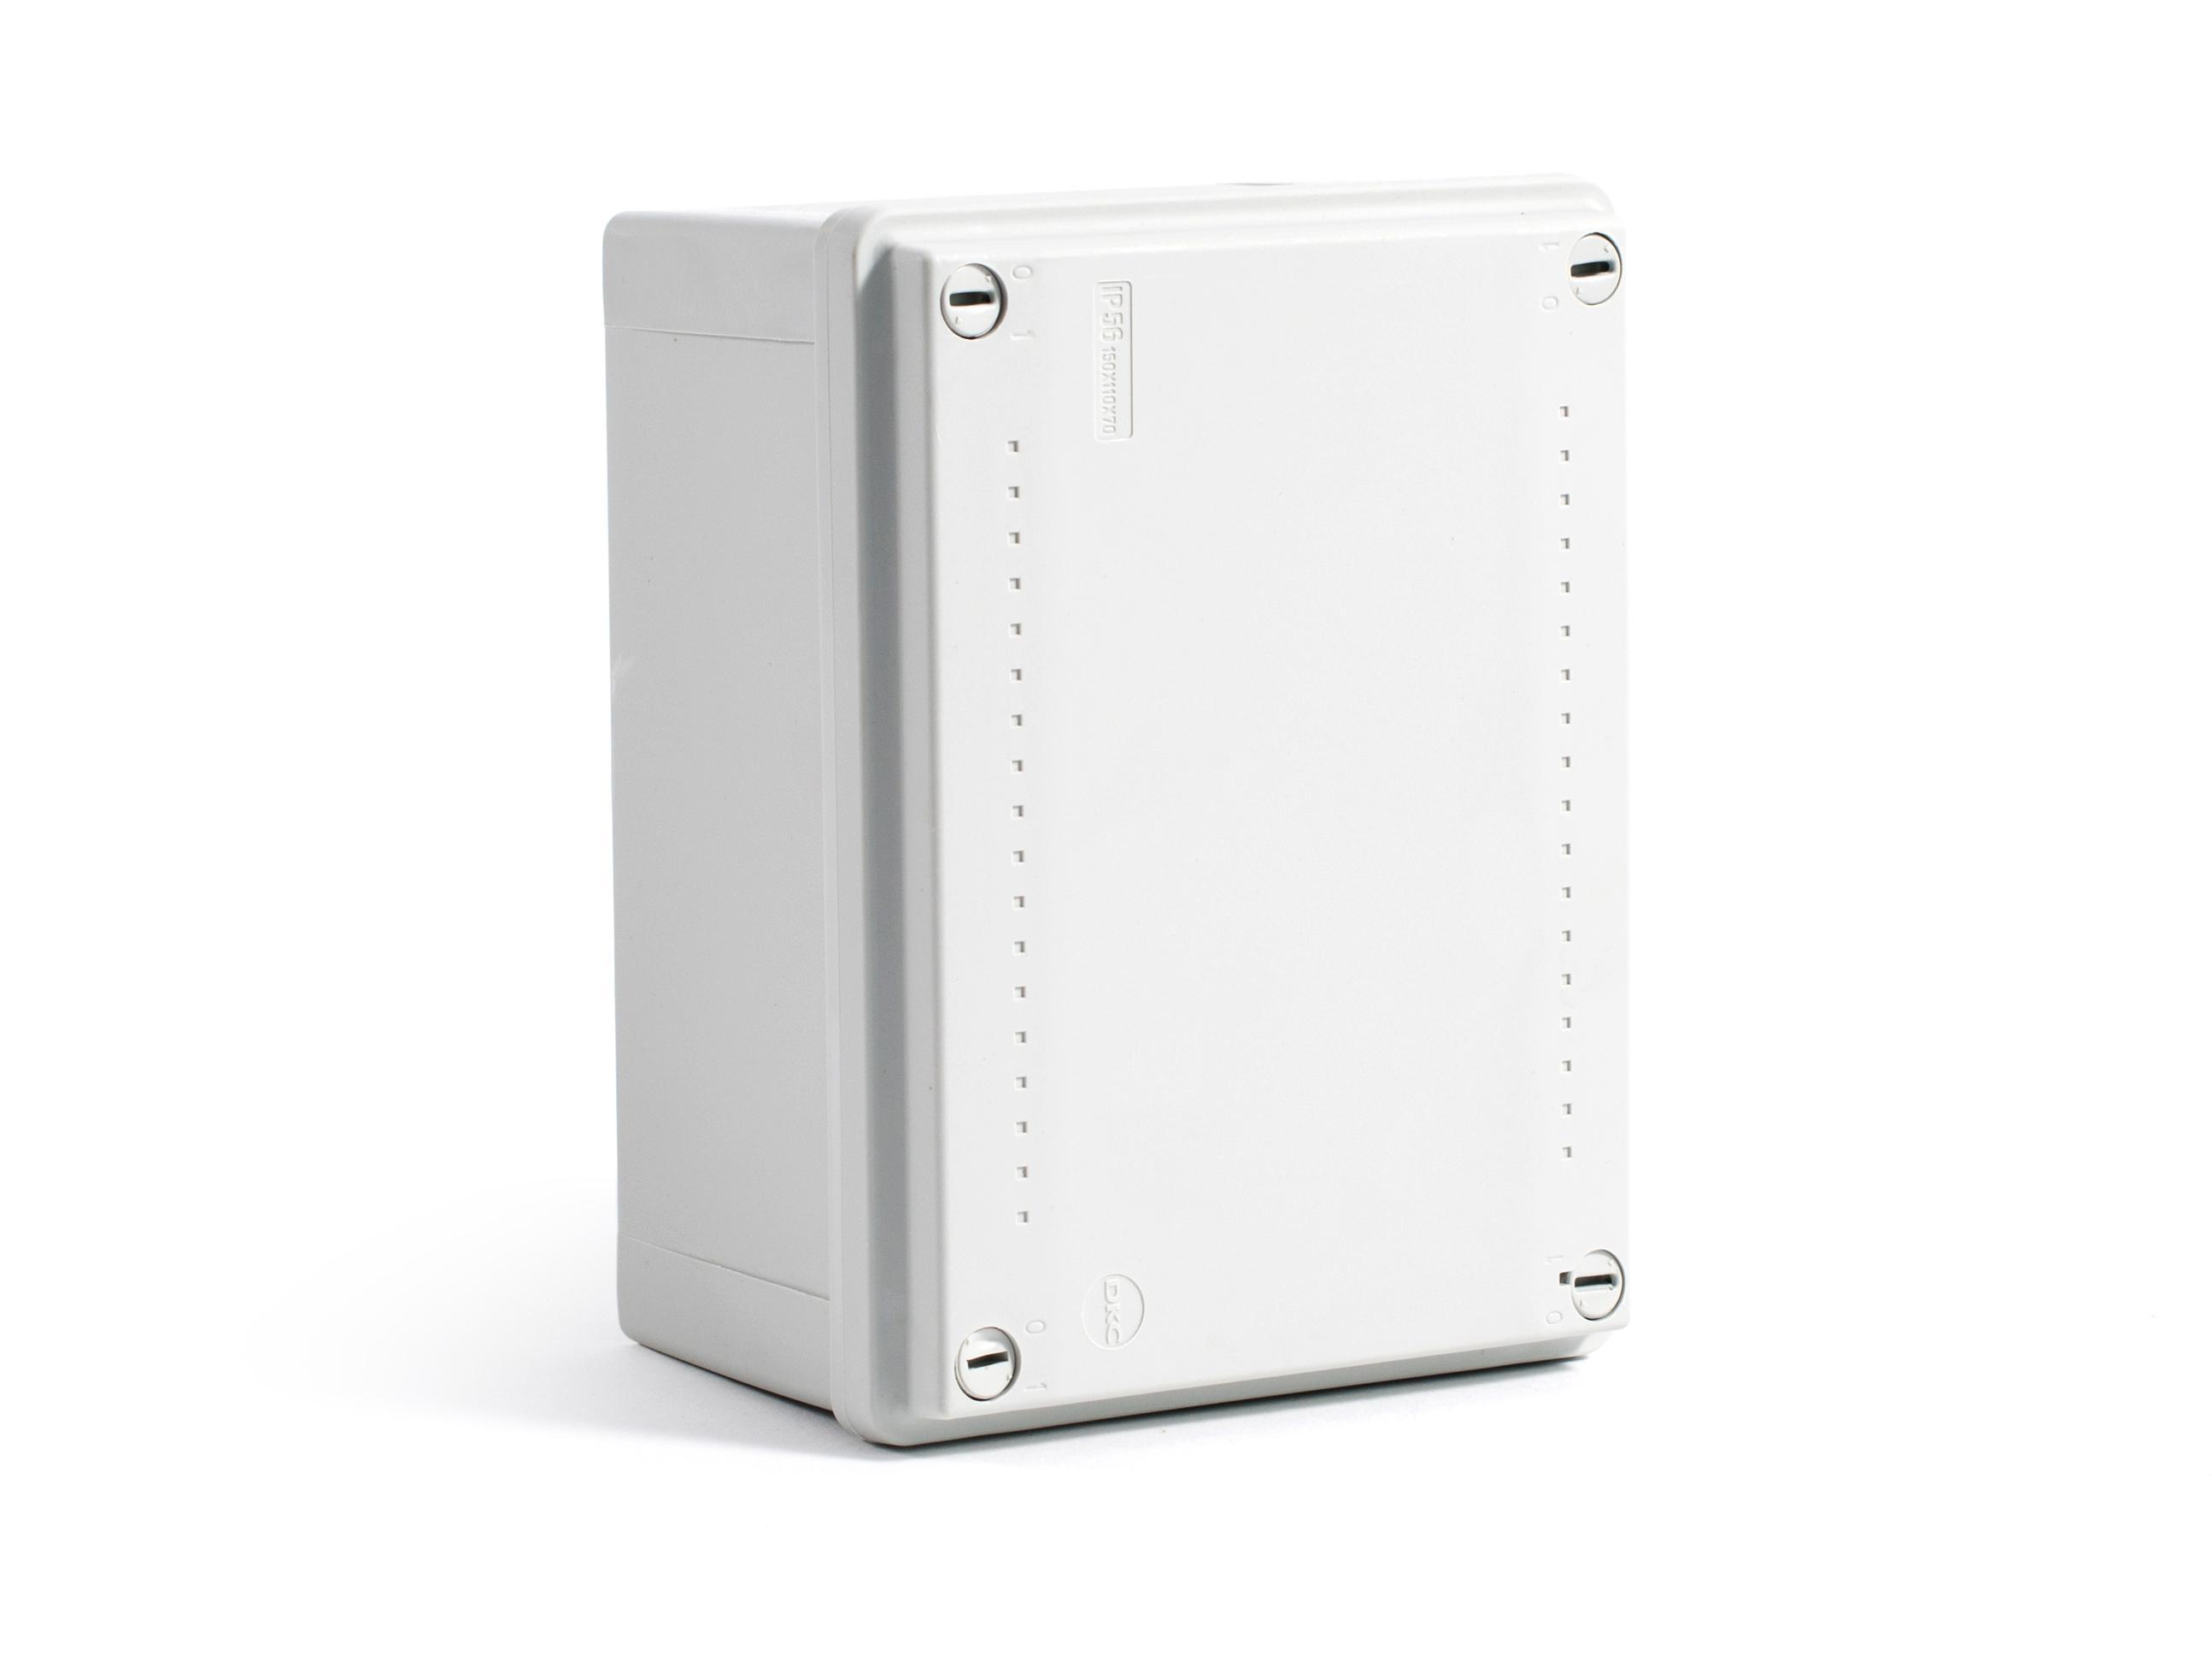 Устройство Teplocom АЛЬБАТРОС-1500 исп.5 устройство teplocom альбатрос 220 3500 ас